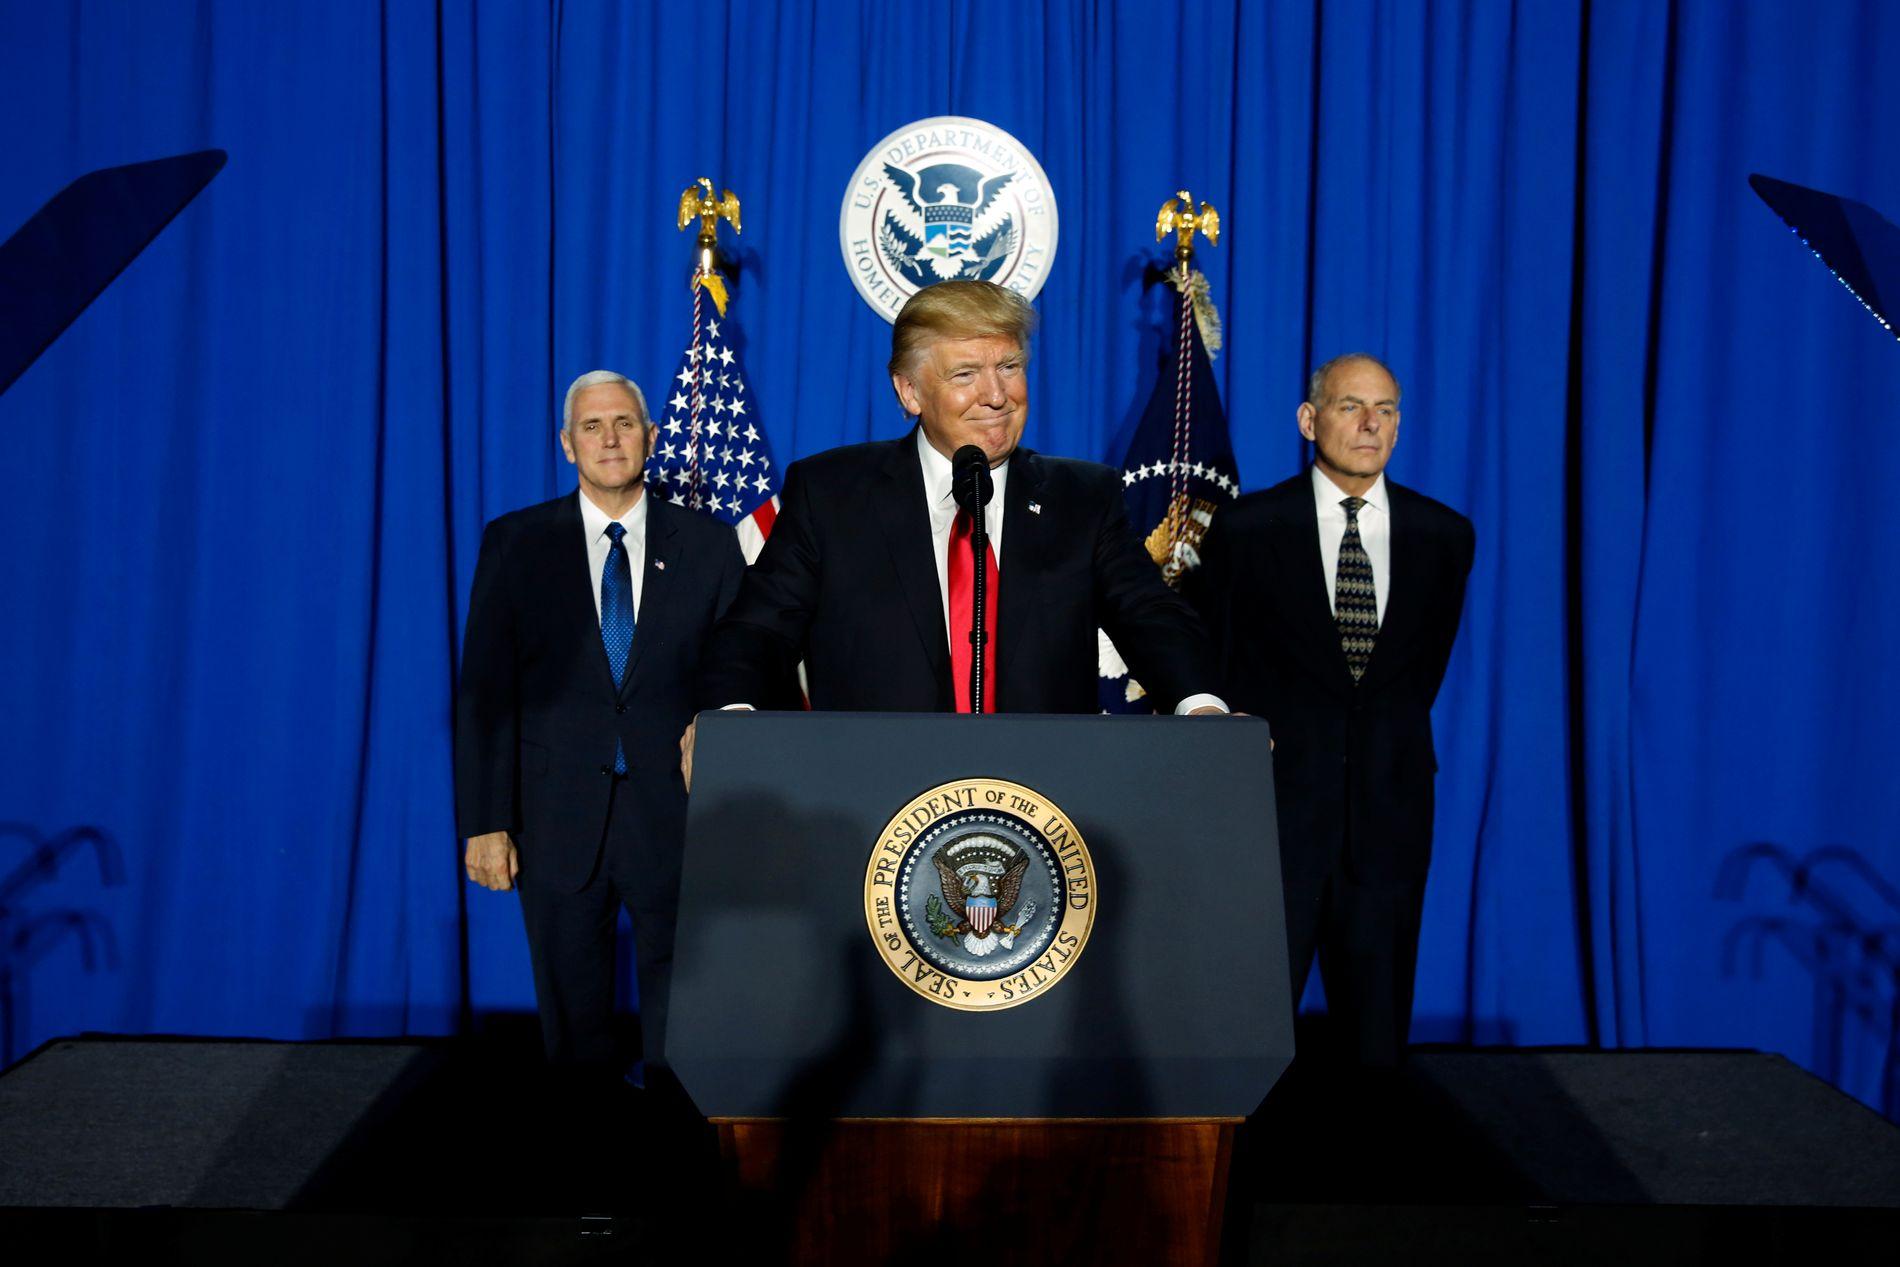 SJEFEN: Et Norge som har valgt å binde seg til USA, uten engang å oppfylle sine forpliktelser i Nato, kan ikke forvente stor frihet til å utforme egen utenrikspolitikk på tvers av Trumps linje, skriver BTs nye gjesteskribent, Ståle Ulriksen.